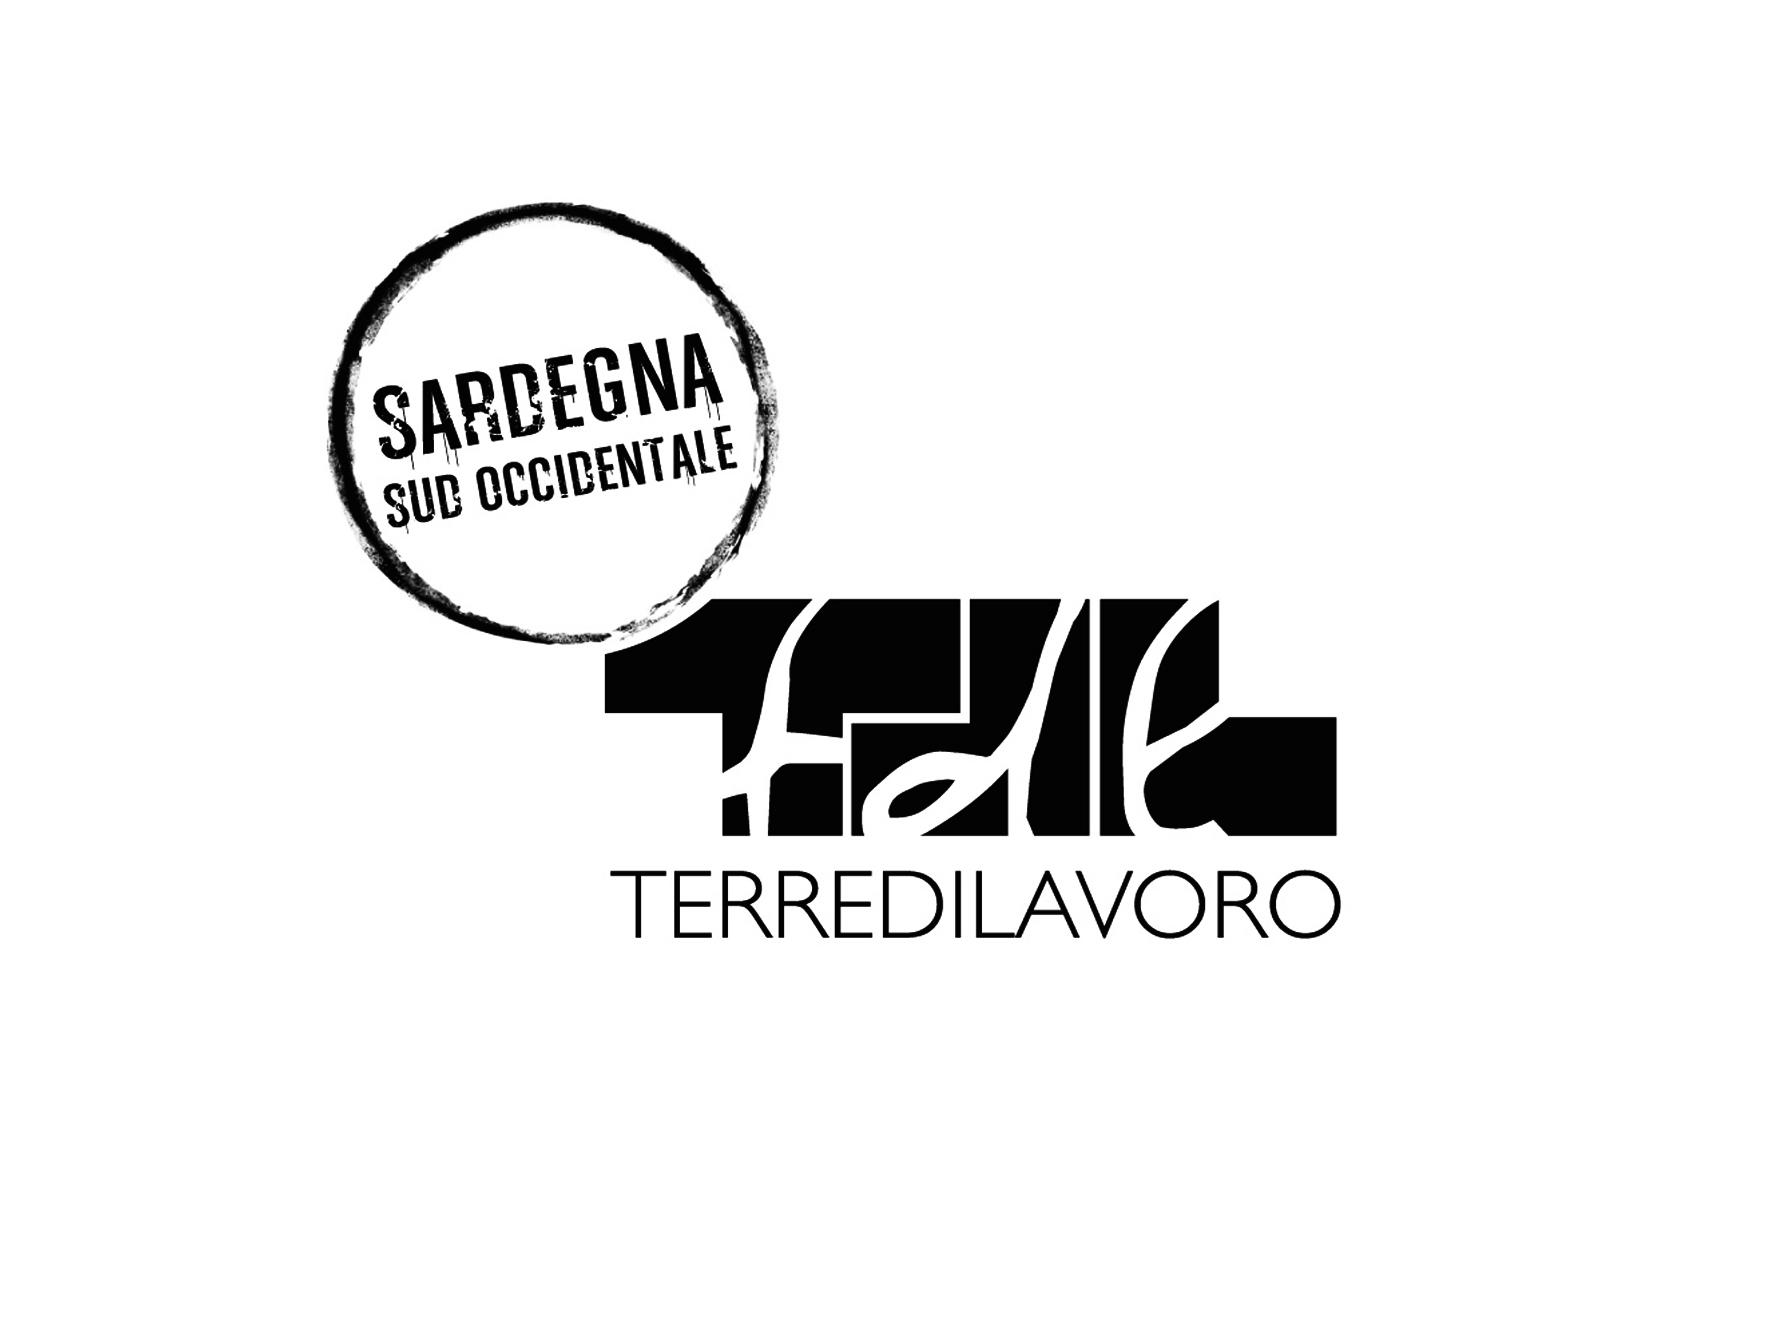 Terre di Lavoro - Sardegna Sud Occidentale